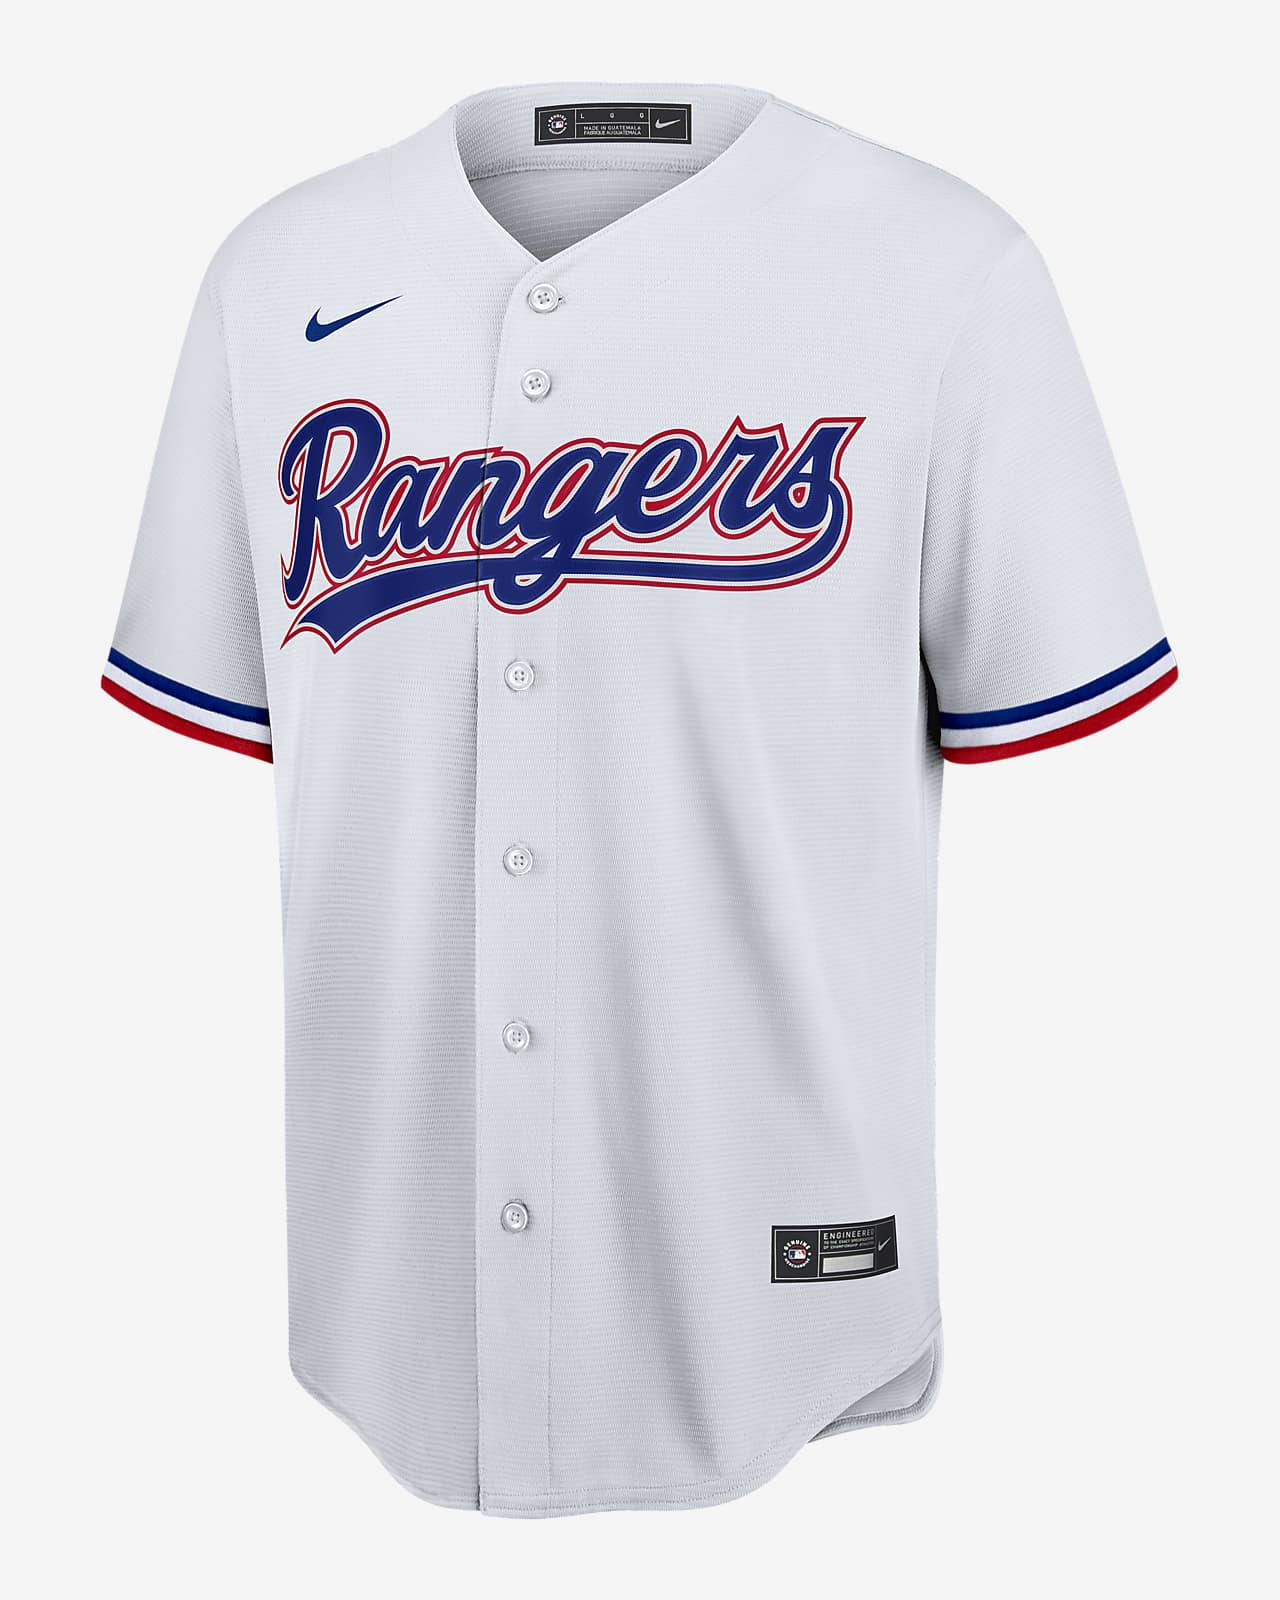 MLB Texas Rangers (Rougned Odor) Men's Replica Baseball Jersey